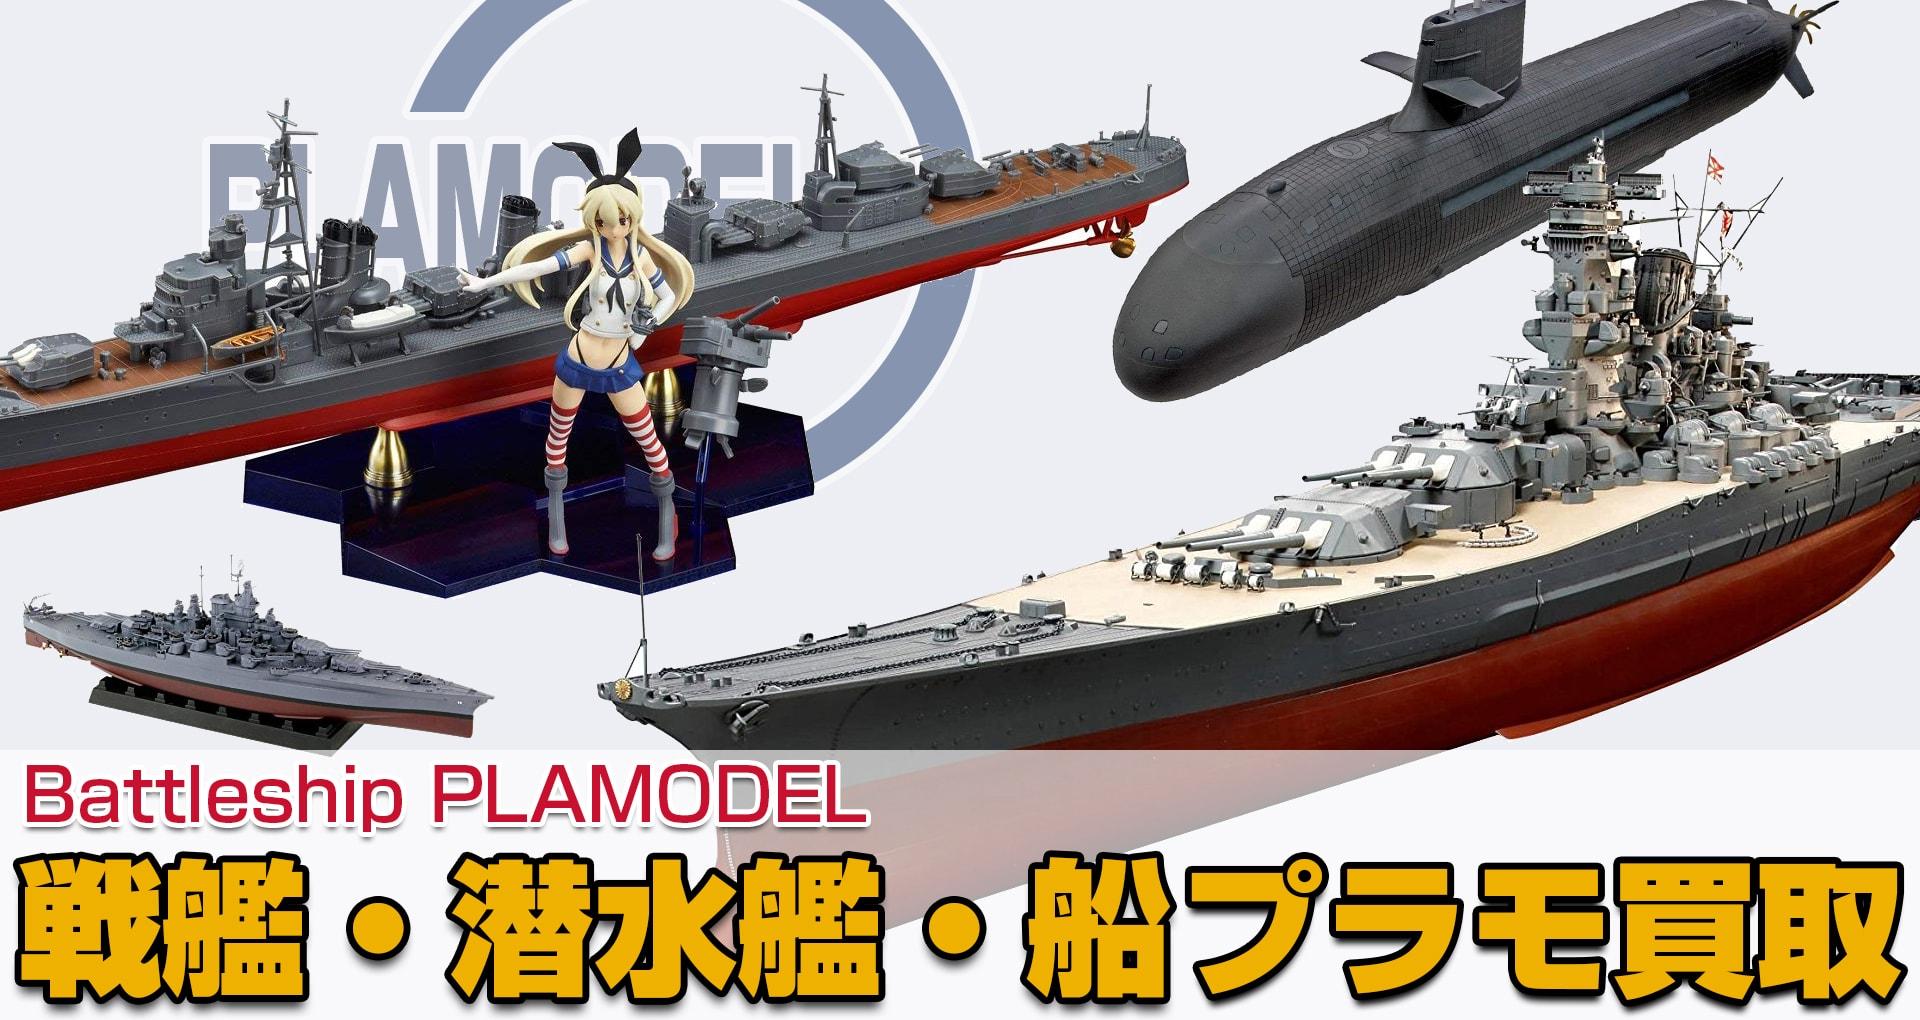 戦艦・潜水艦プラモデル高価買取